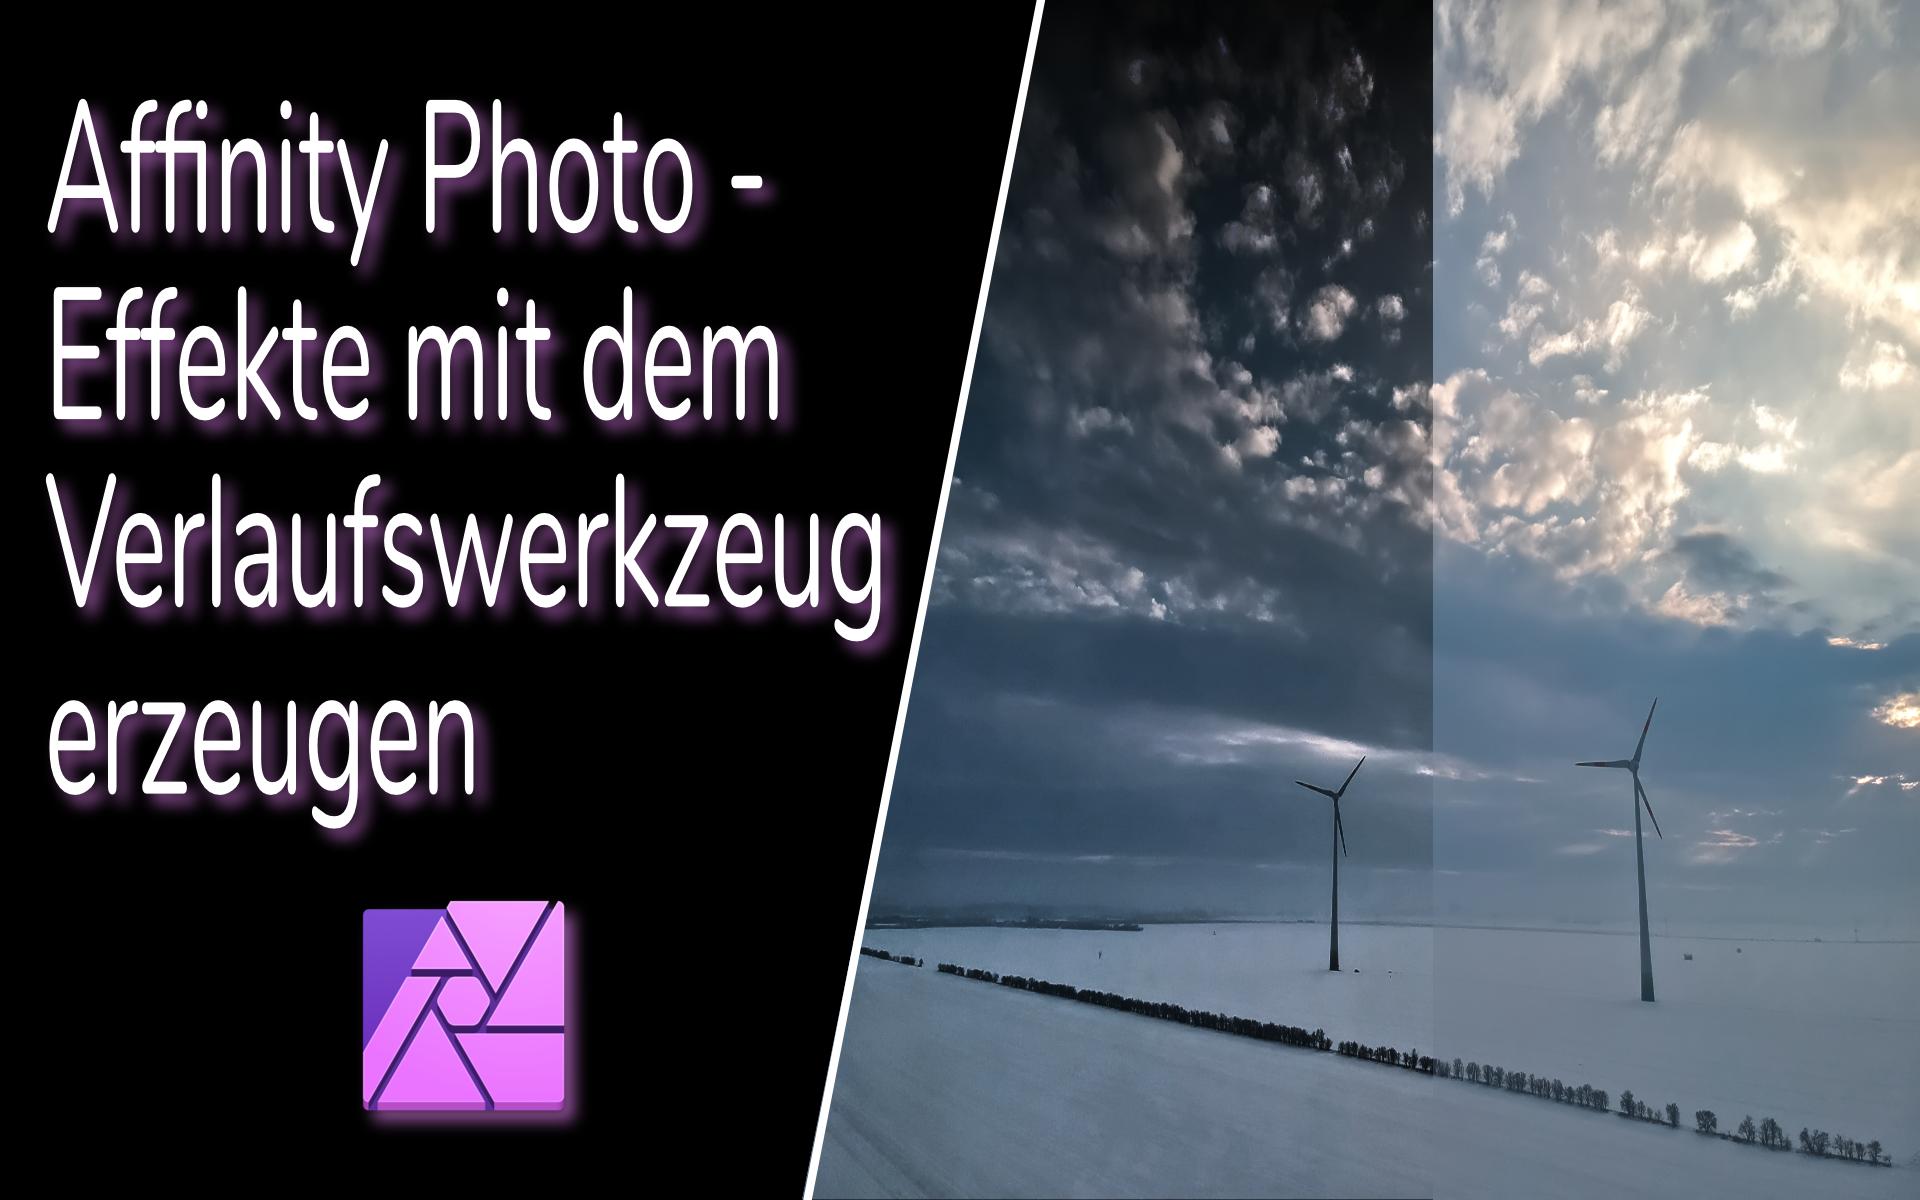 Affinity Photo – Effekt mit dem Verlaufswerkzeug erzeugen